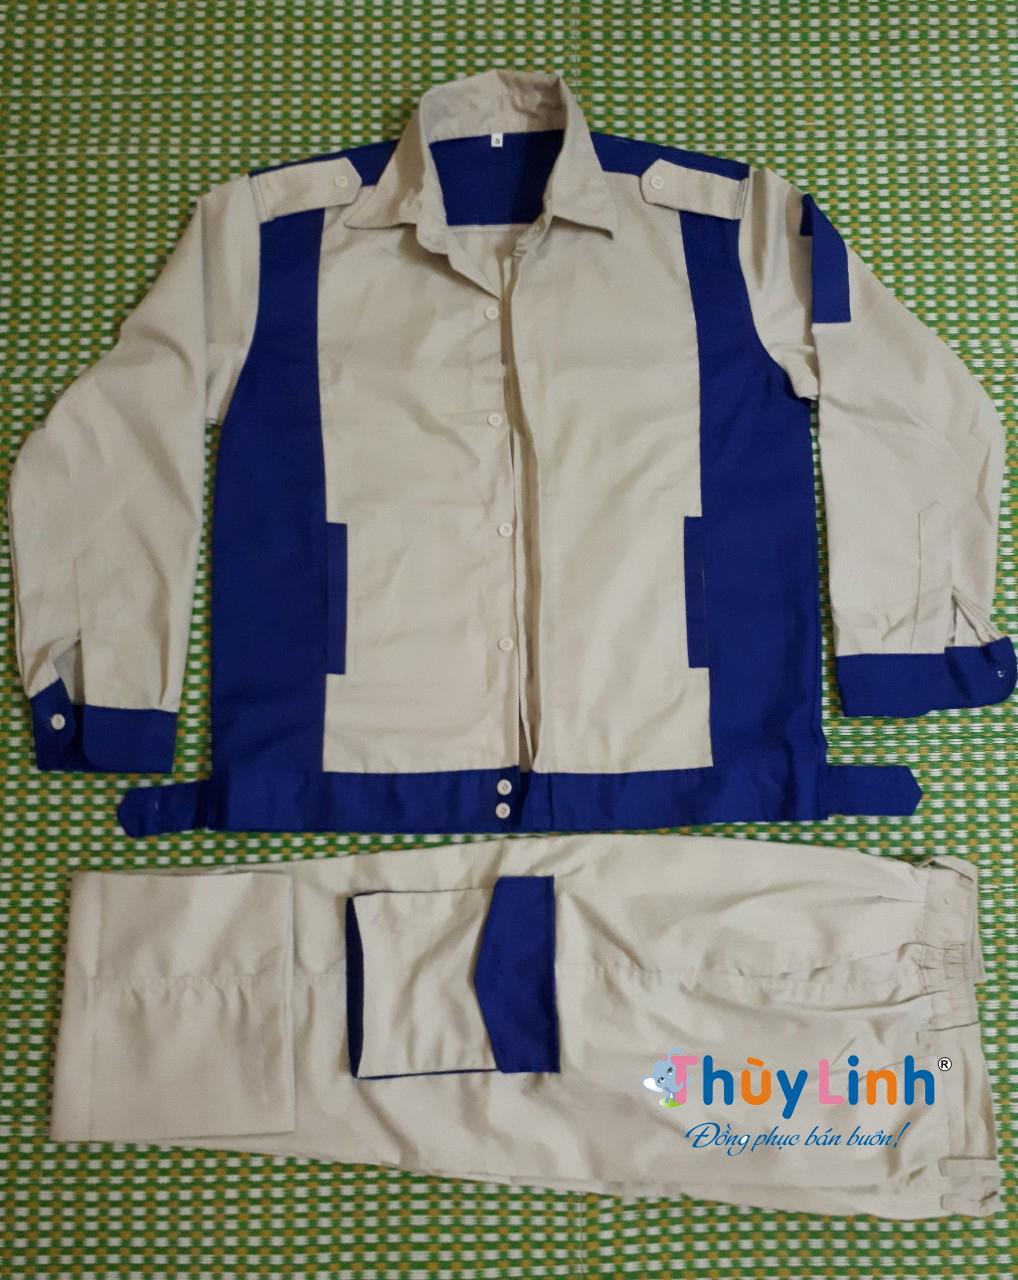 Danh sách 4 loại vải được sử dụng nhiều cho may áo đồng phục